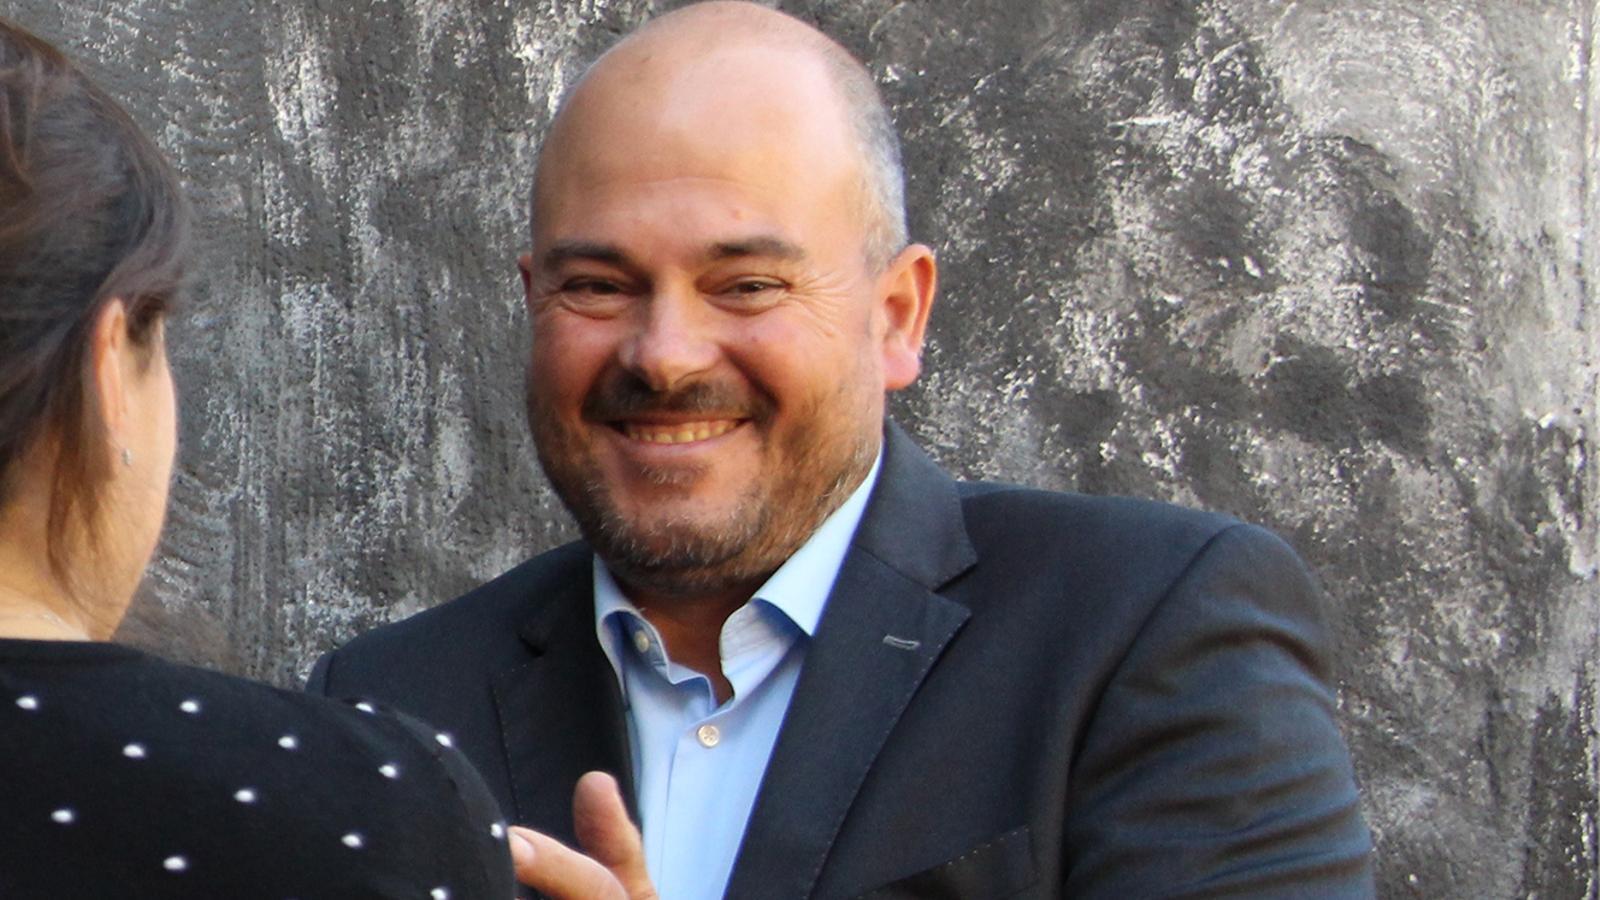 El cònsol major, Jordi Torres, durant l'acte d'estrena del mural on ha fet les declaracions sobre Grandvalira. / M. M. (ANA)